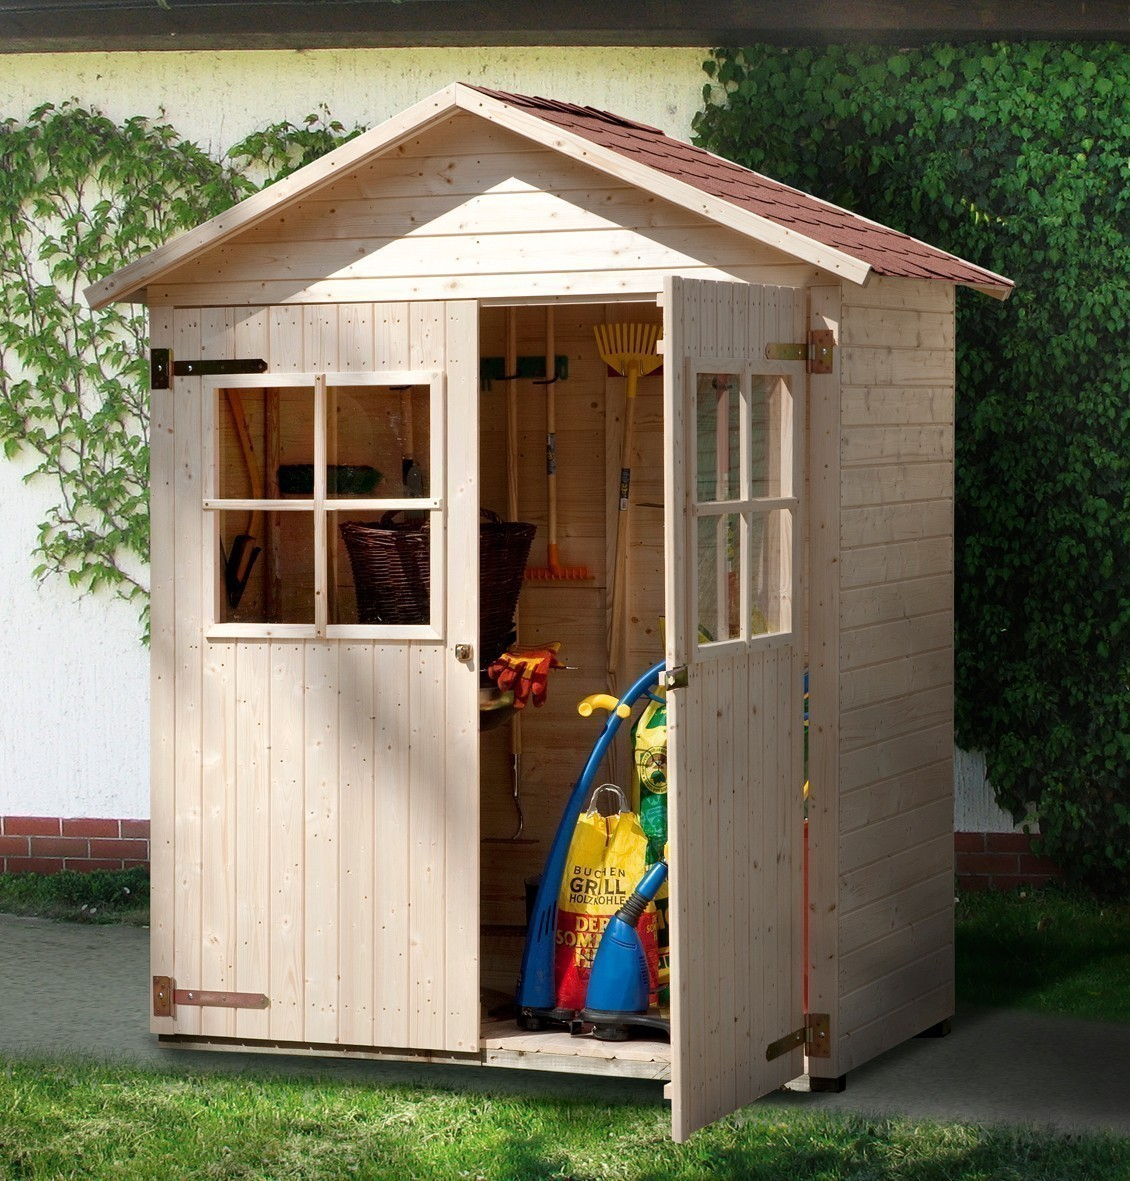 Gartenhaus 24 Qm Selber Bauen Gartenhaus Hersteller 24 De: Gartenschrank / Geräteschrank 14mm Weka Gr2 Satteldach